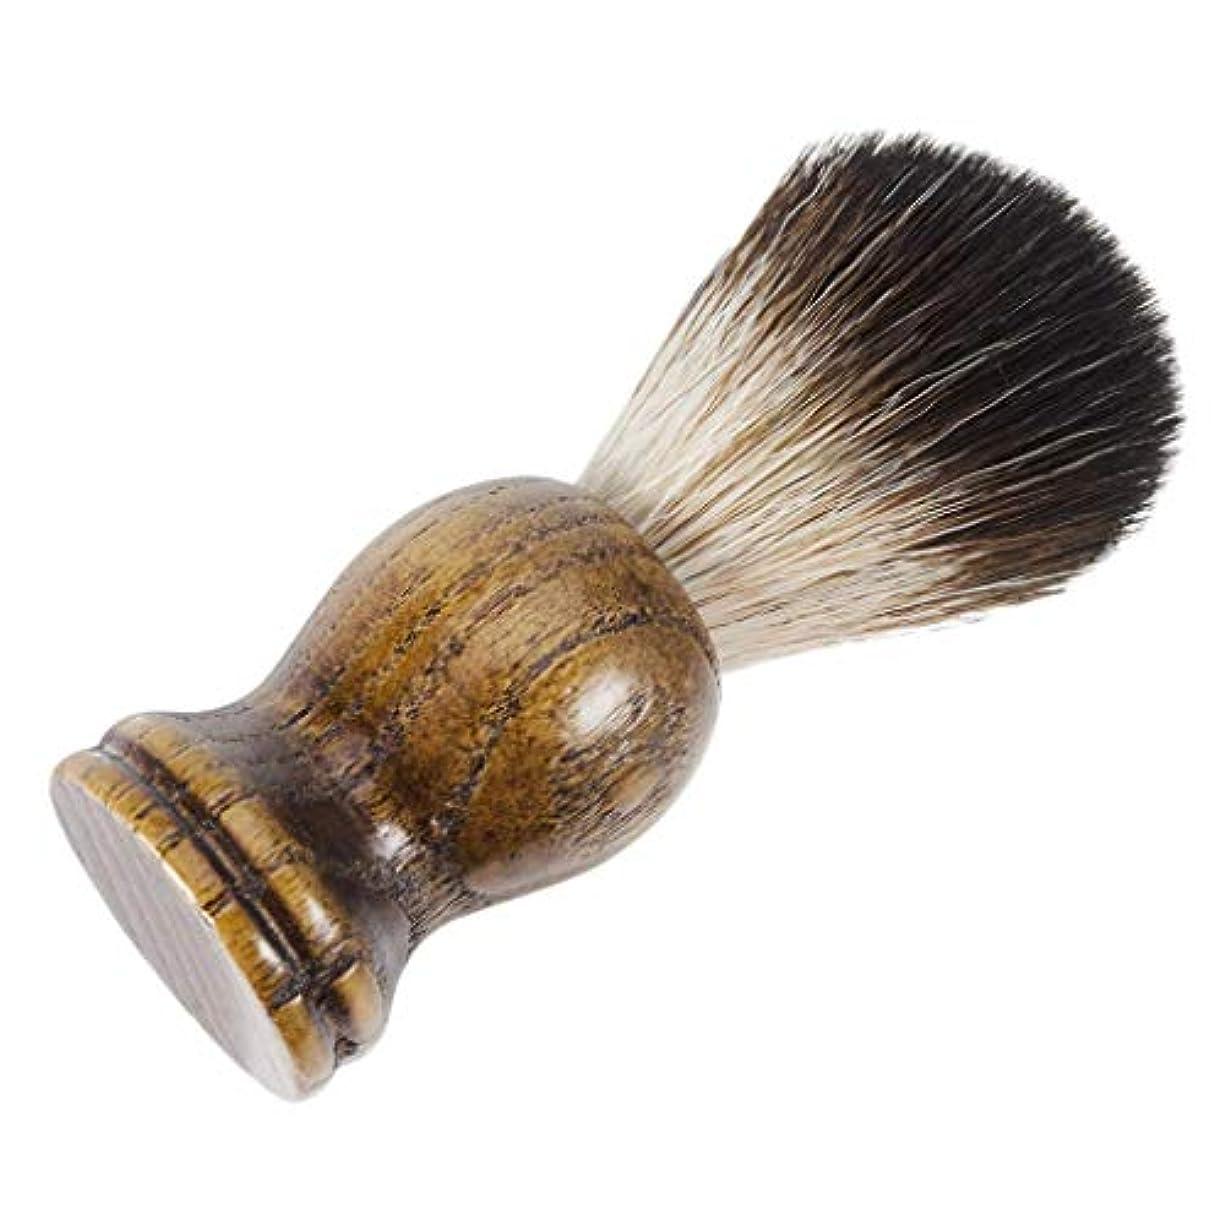 アルカトラズ島振りかける排出シェービング用ブラシ メンズ 理容 洗顔 髭剃り 泡立ち